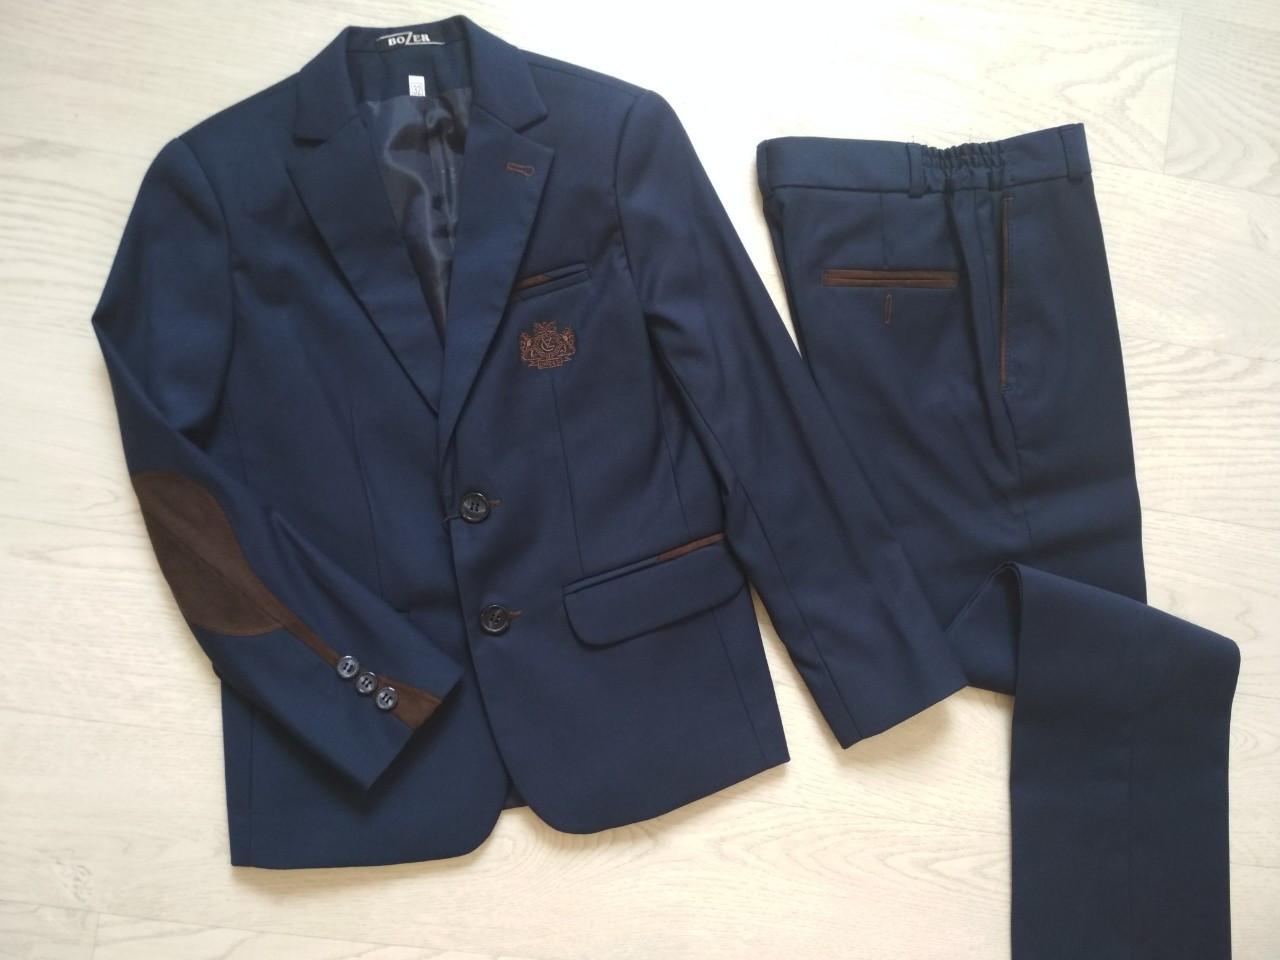 Школьный костюм двойка для мальчика р. 116, 122, 128, 134, 140, 146, 152